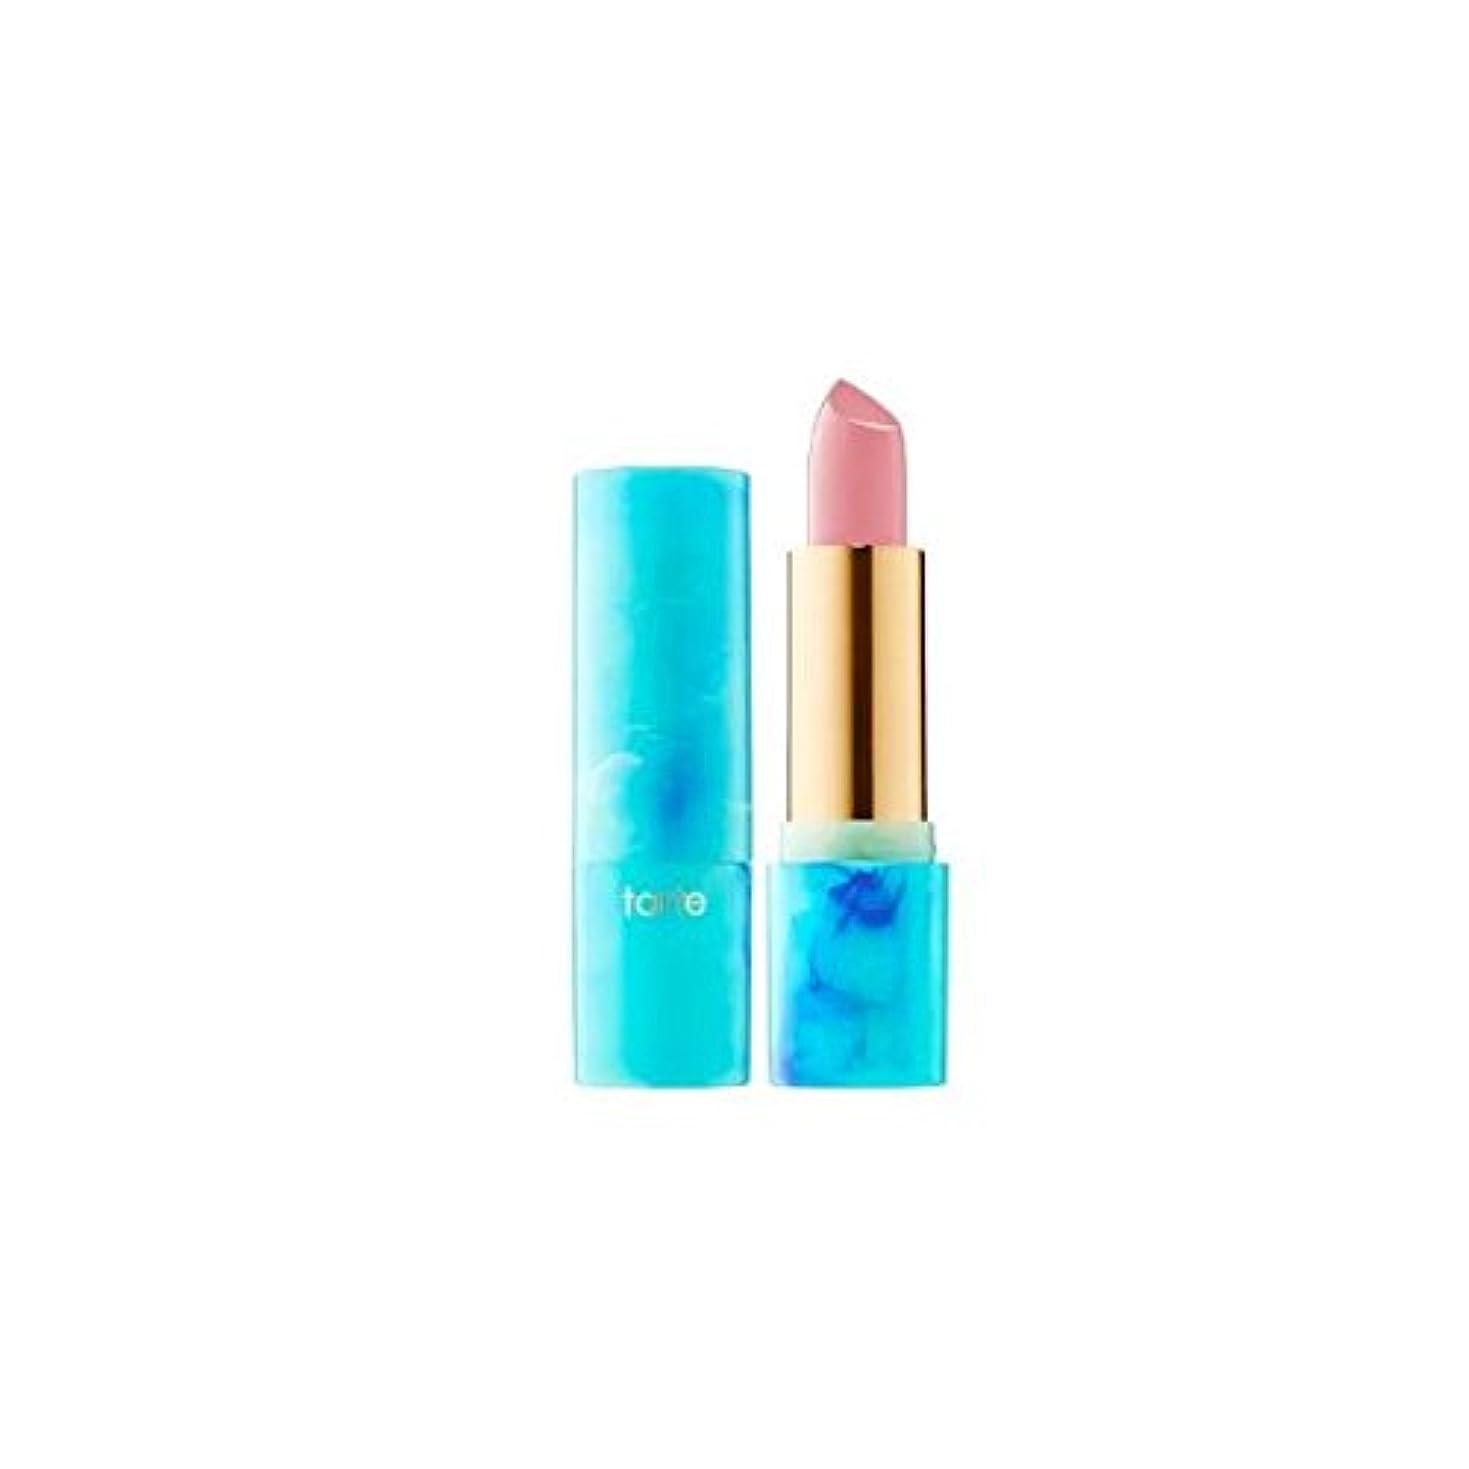 札入れ動かない免疫するtarteタルト リップ Color Splash Lipstick - Rainforest of the Sea Collection Satin finish